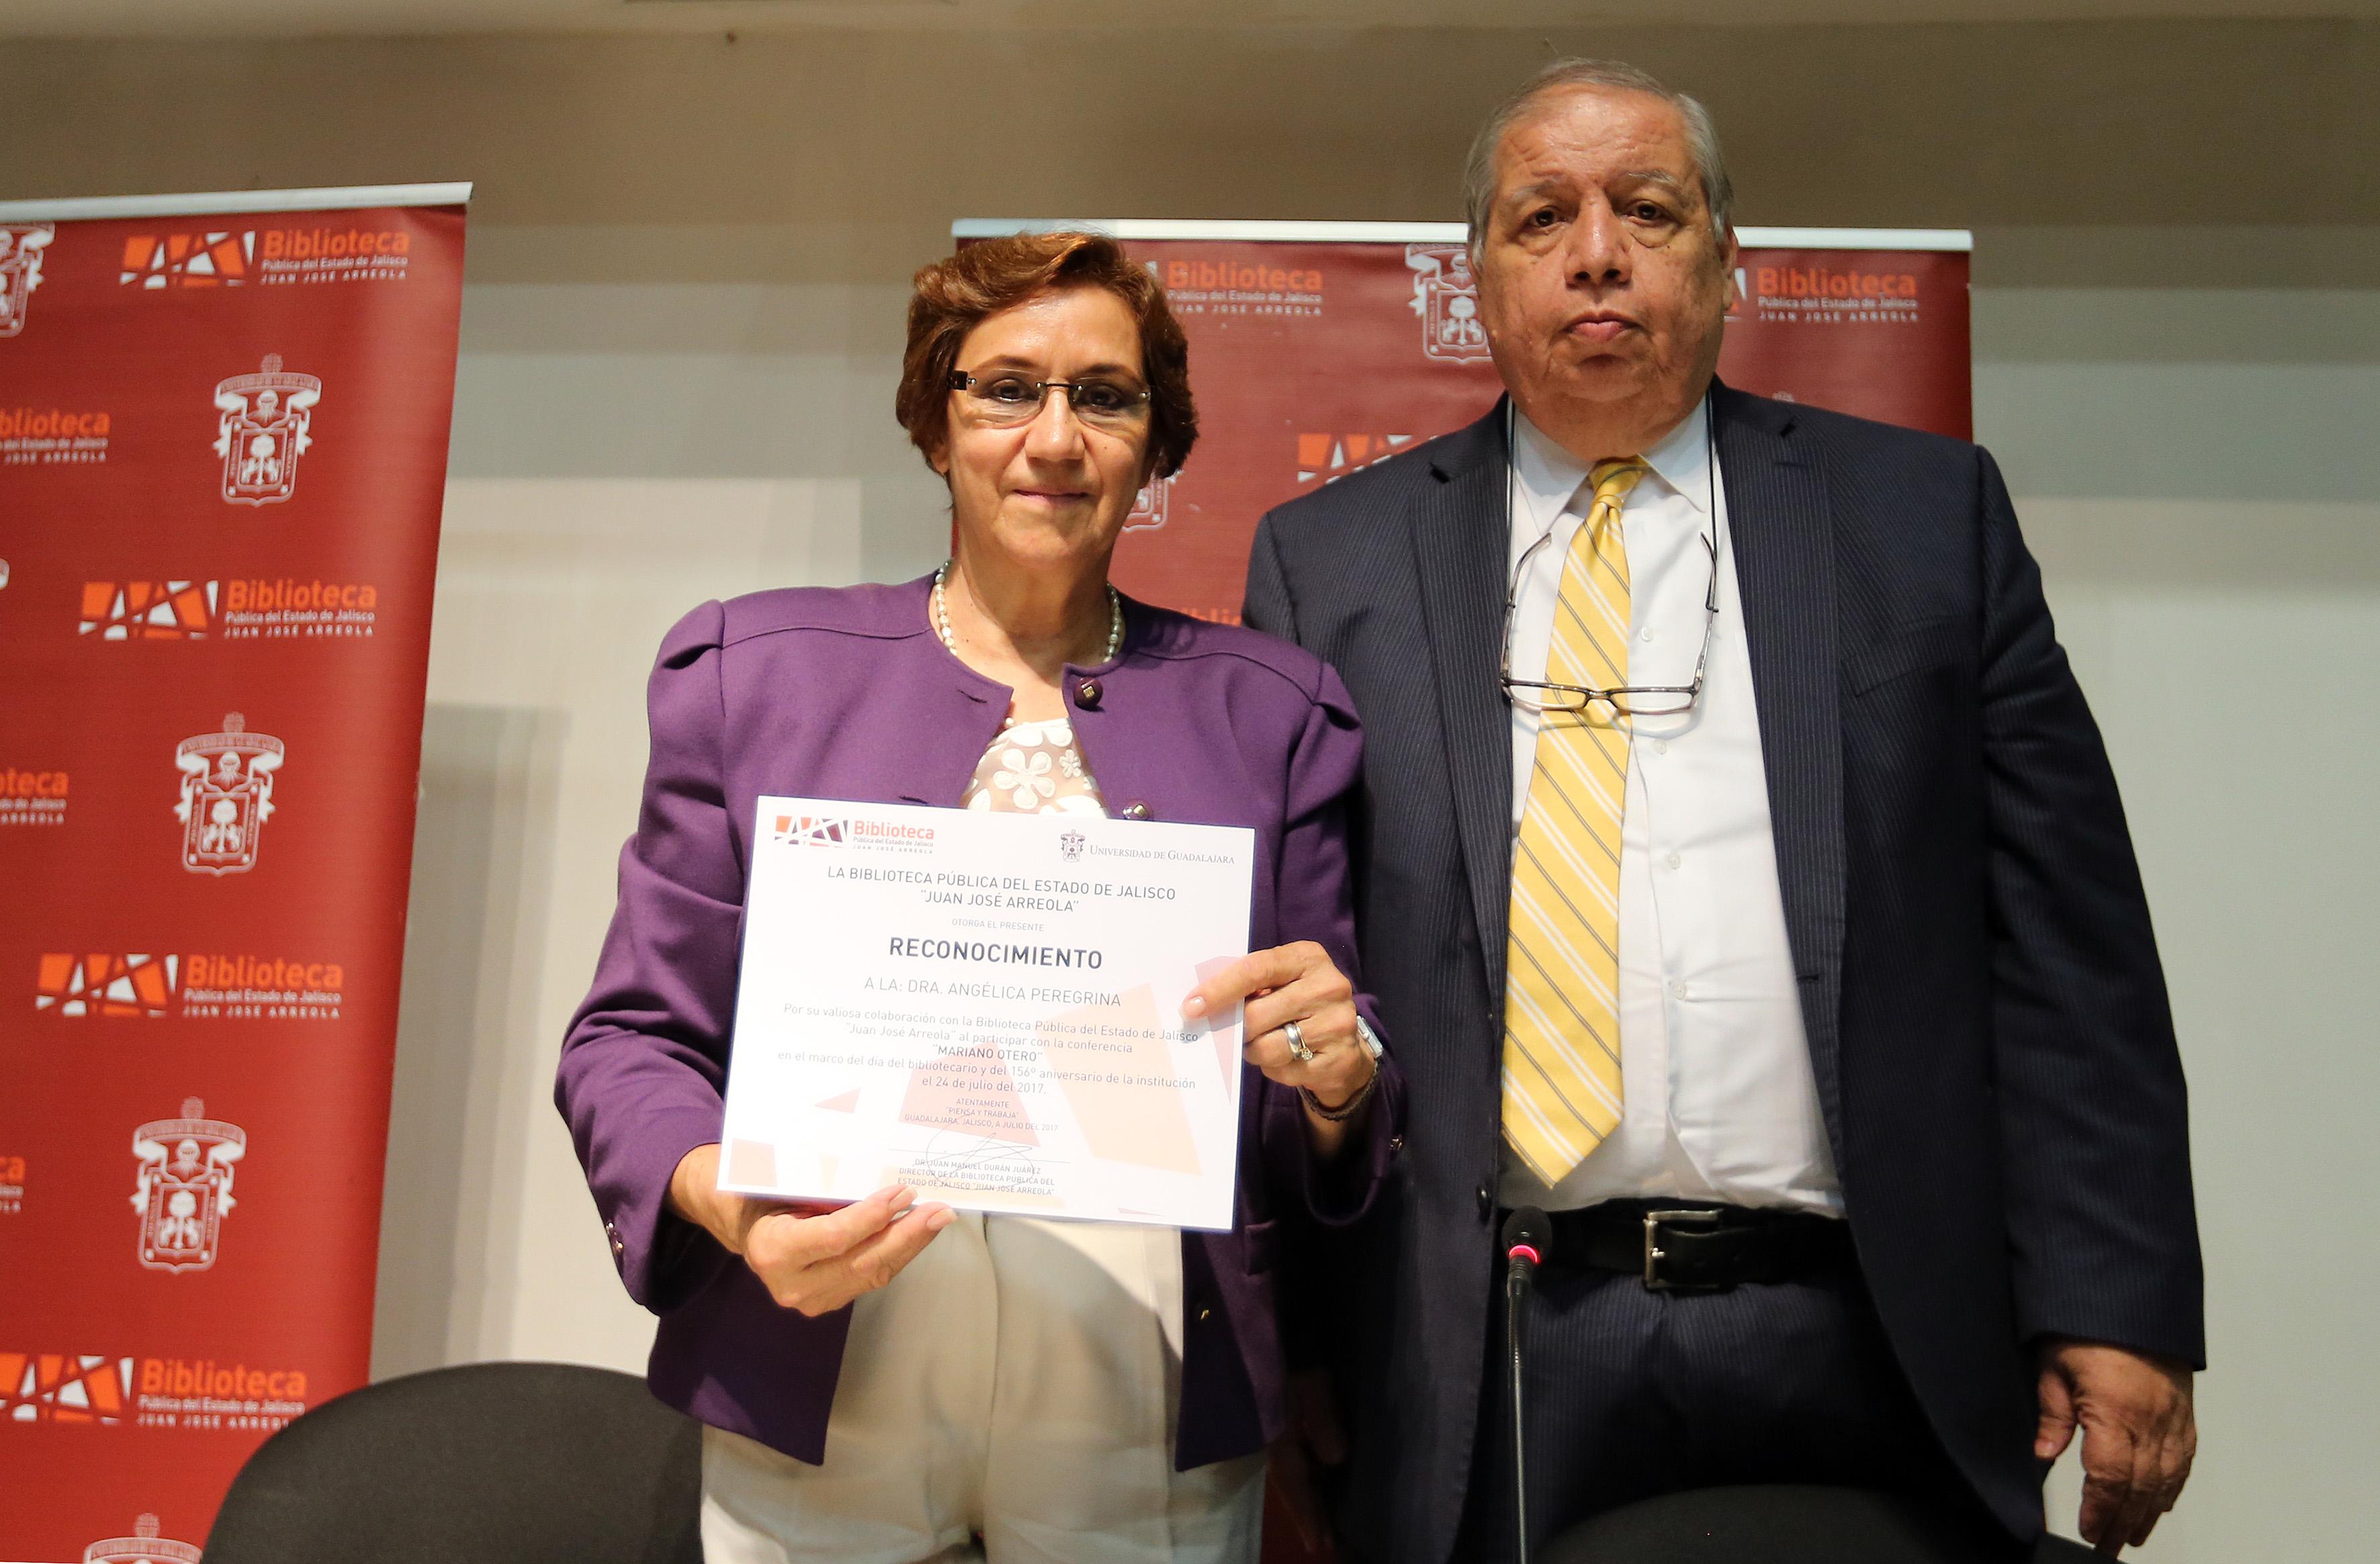 Historiadora Angélica Peregrina y el Dr. Juan Manuel Durán Juárez